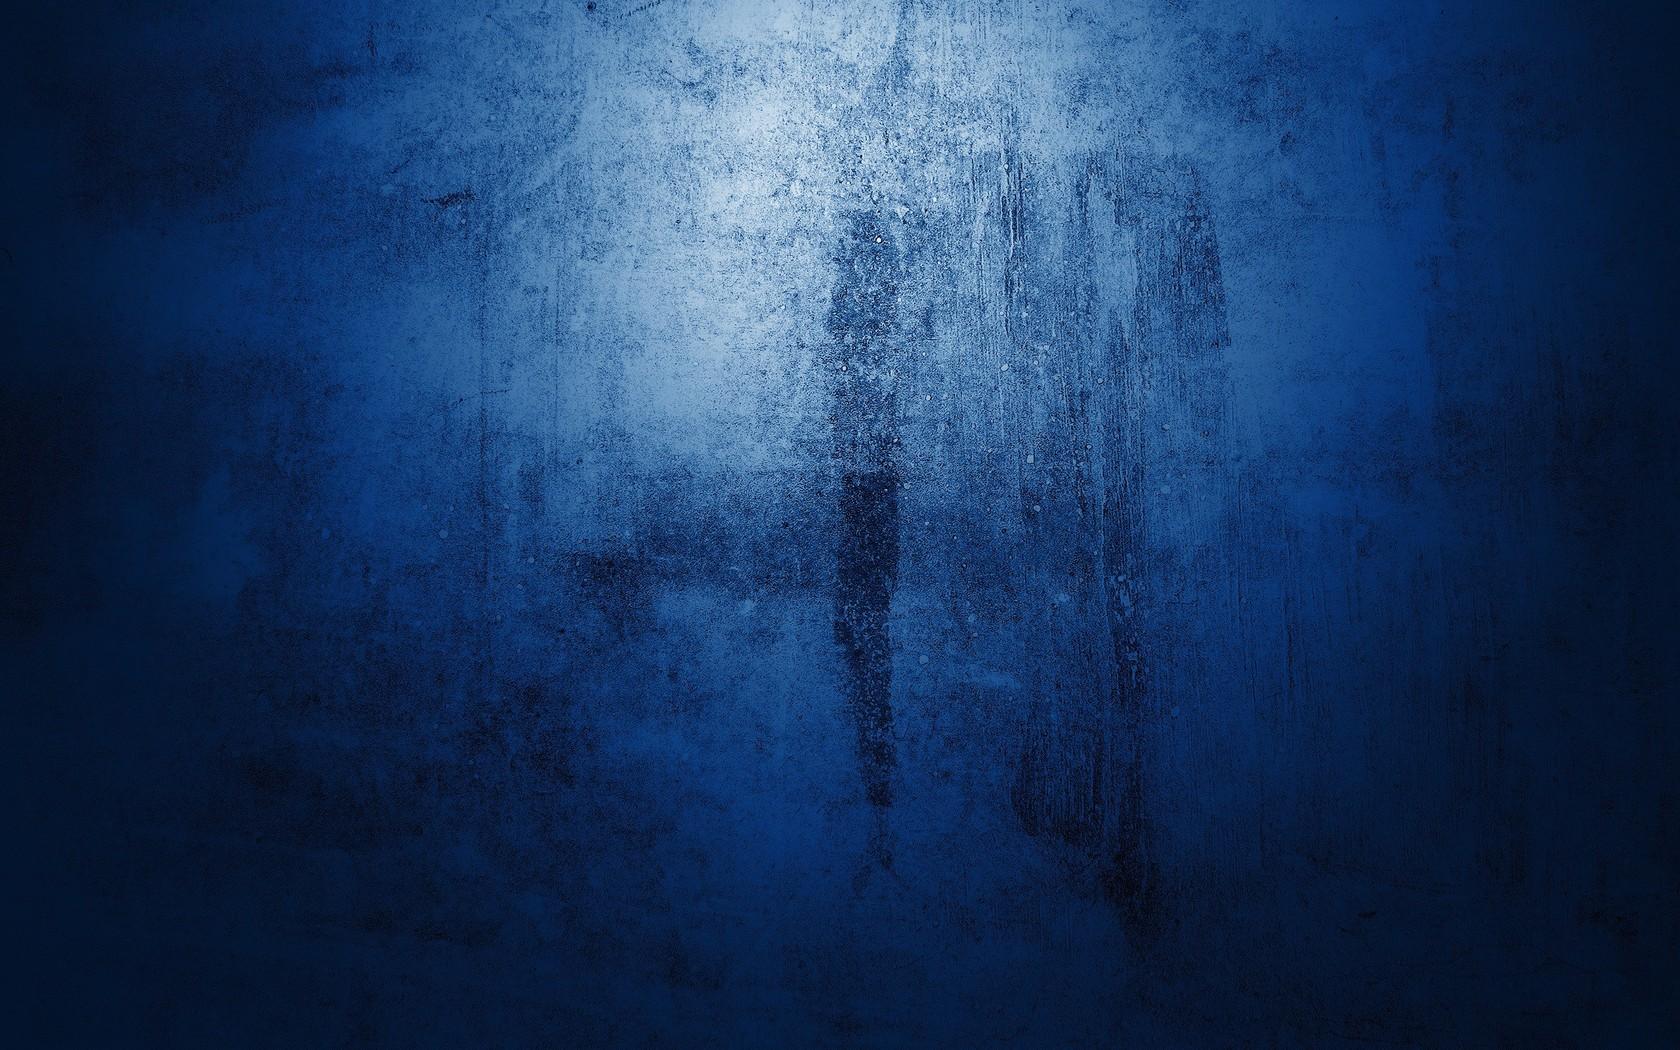 ... Blue texture 1680x1050 wallpaper ...